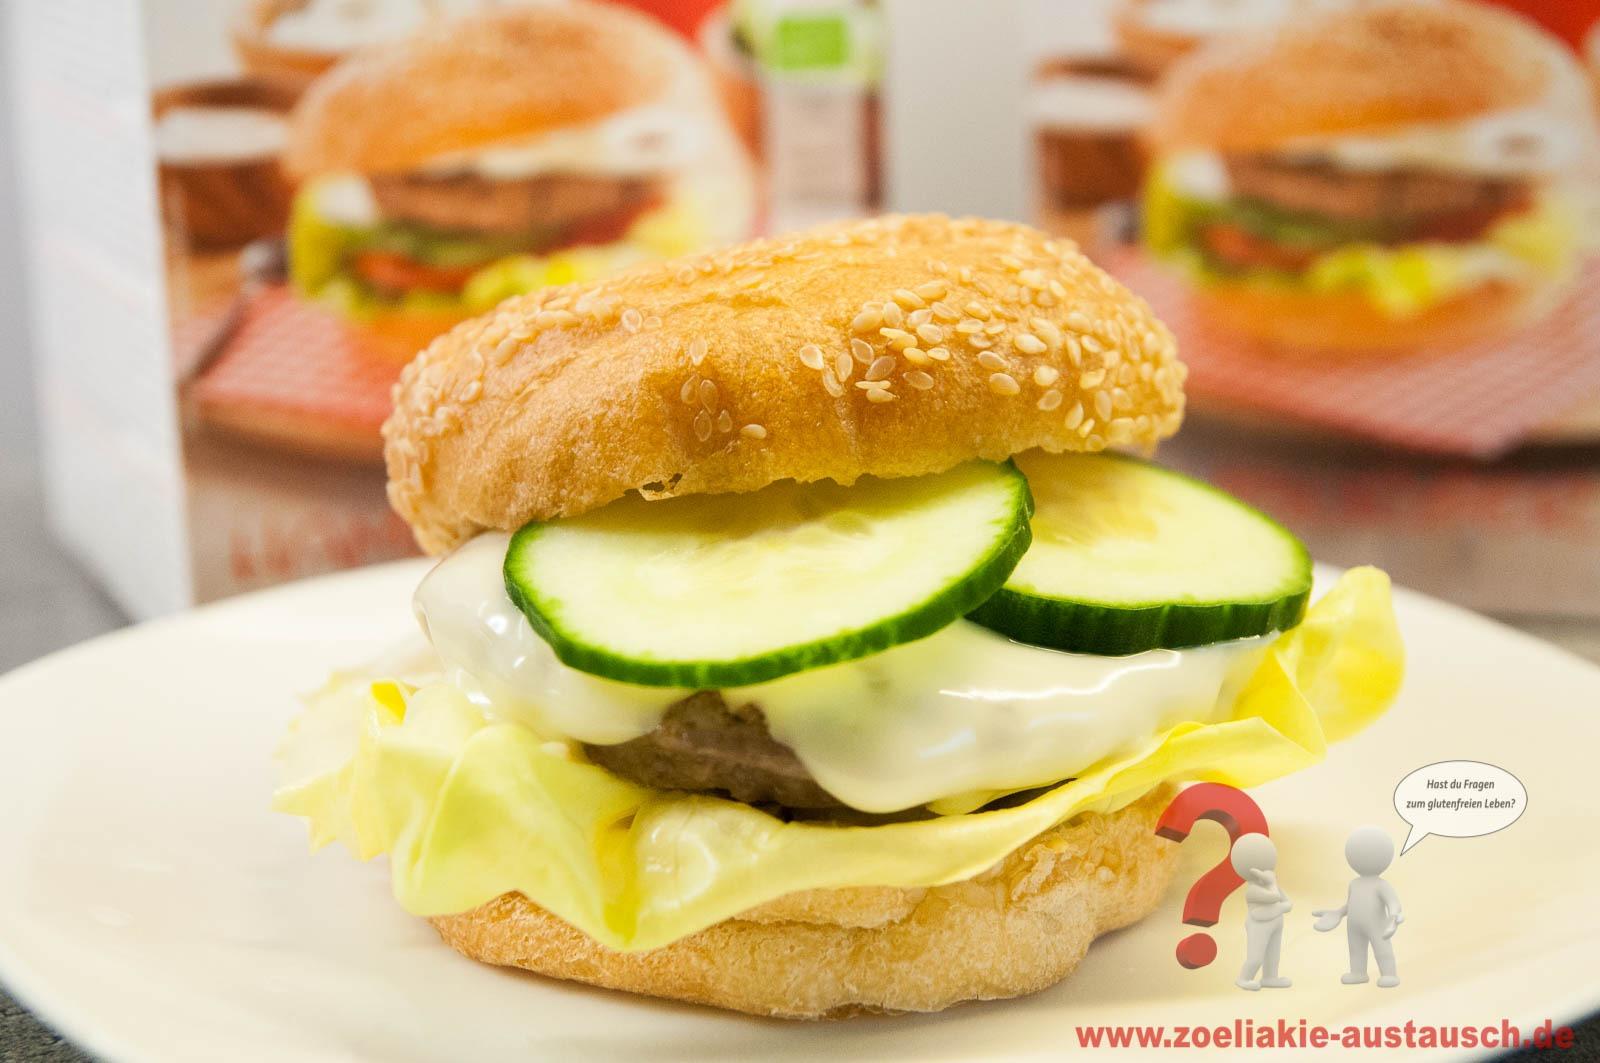 Zoeliakie-Austausch_Schnitzer_Burger_Broetchen_14